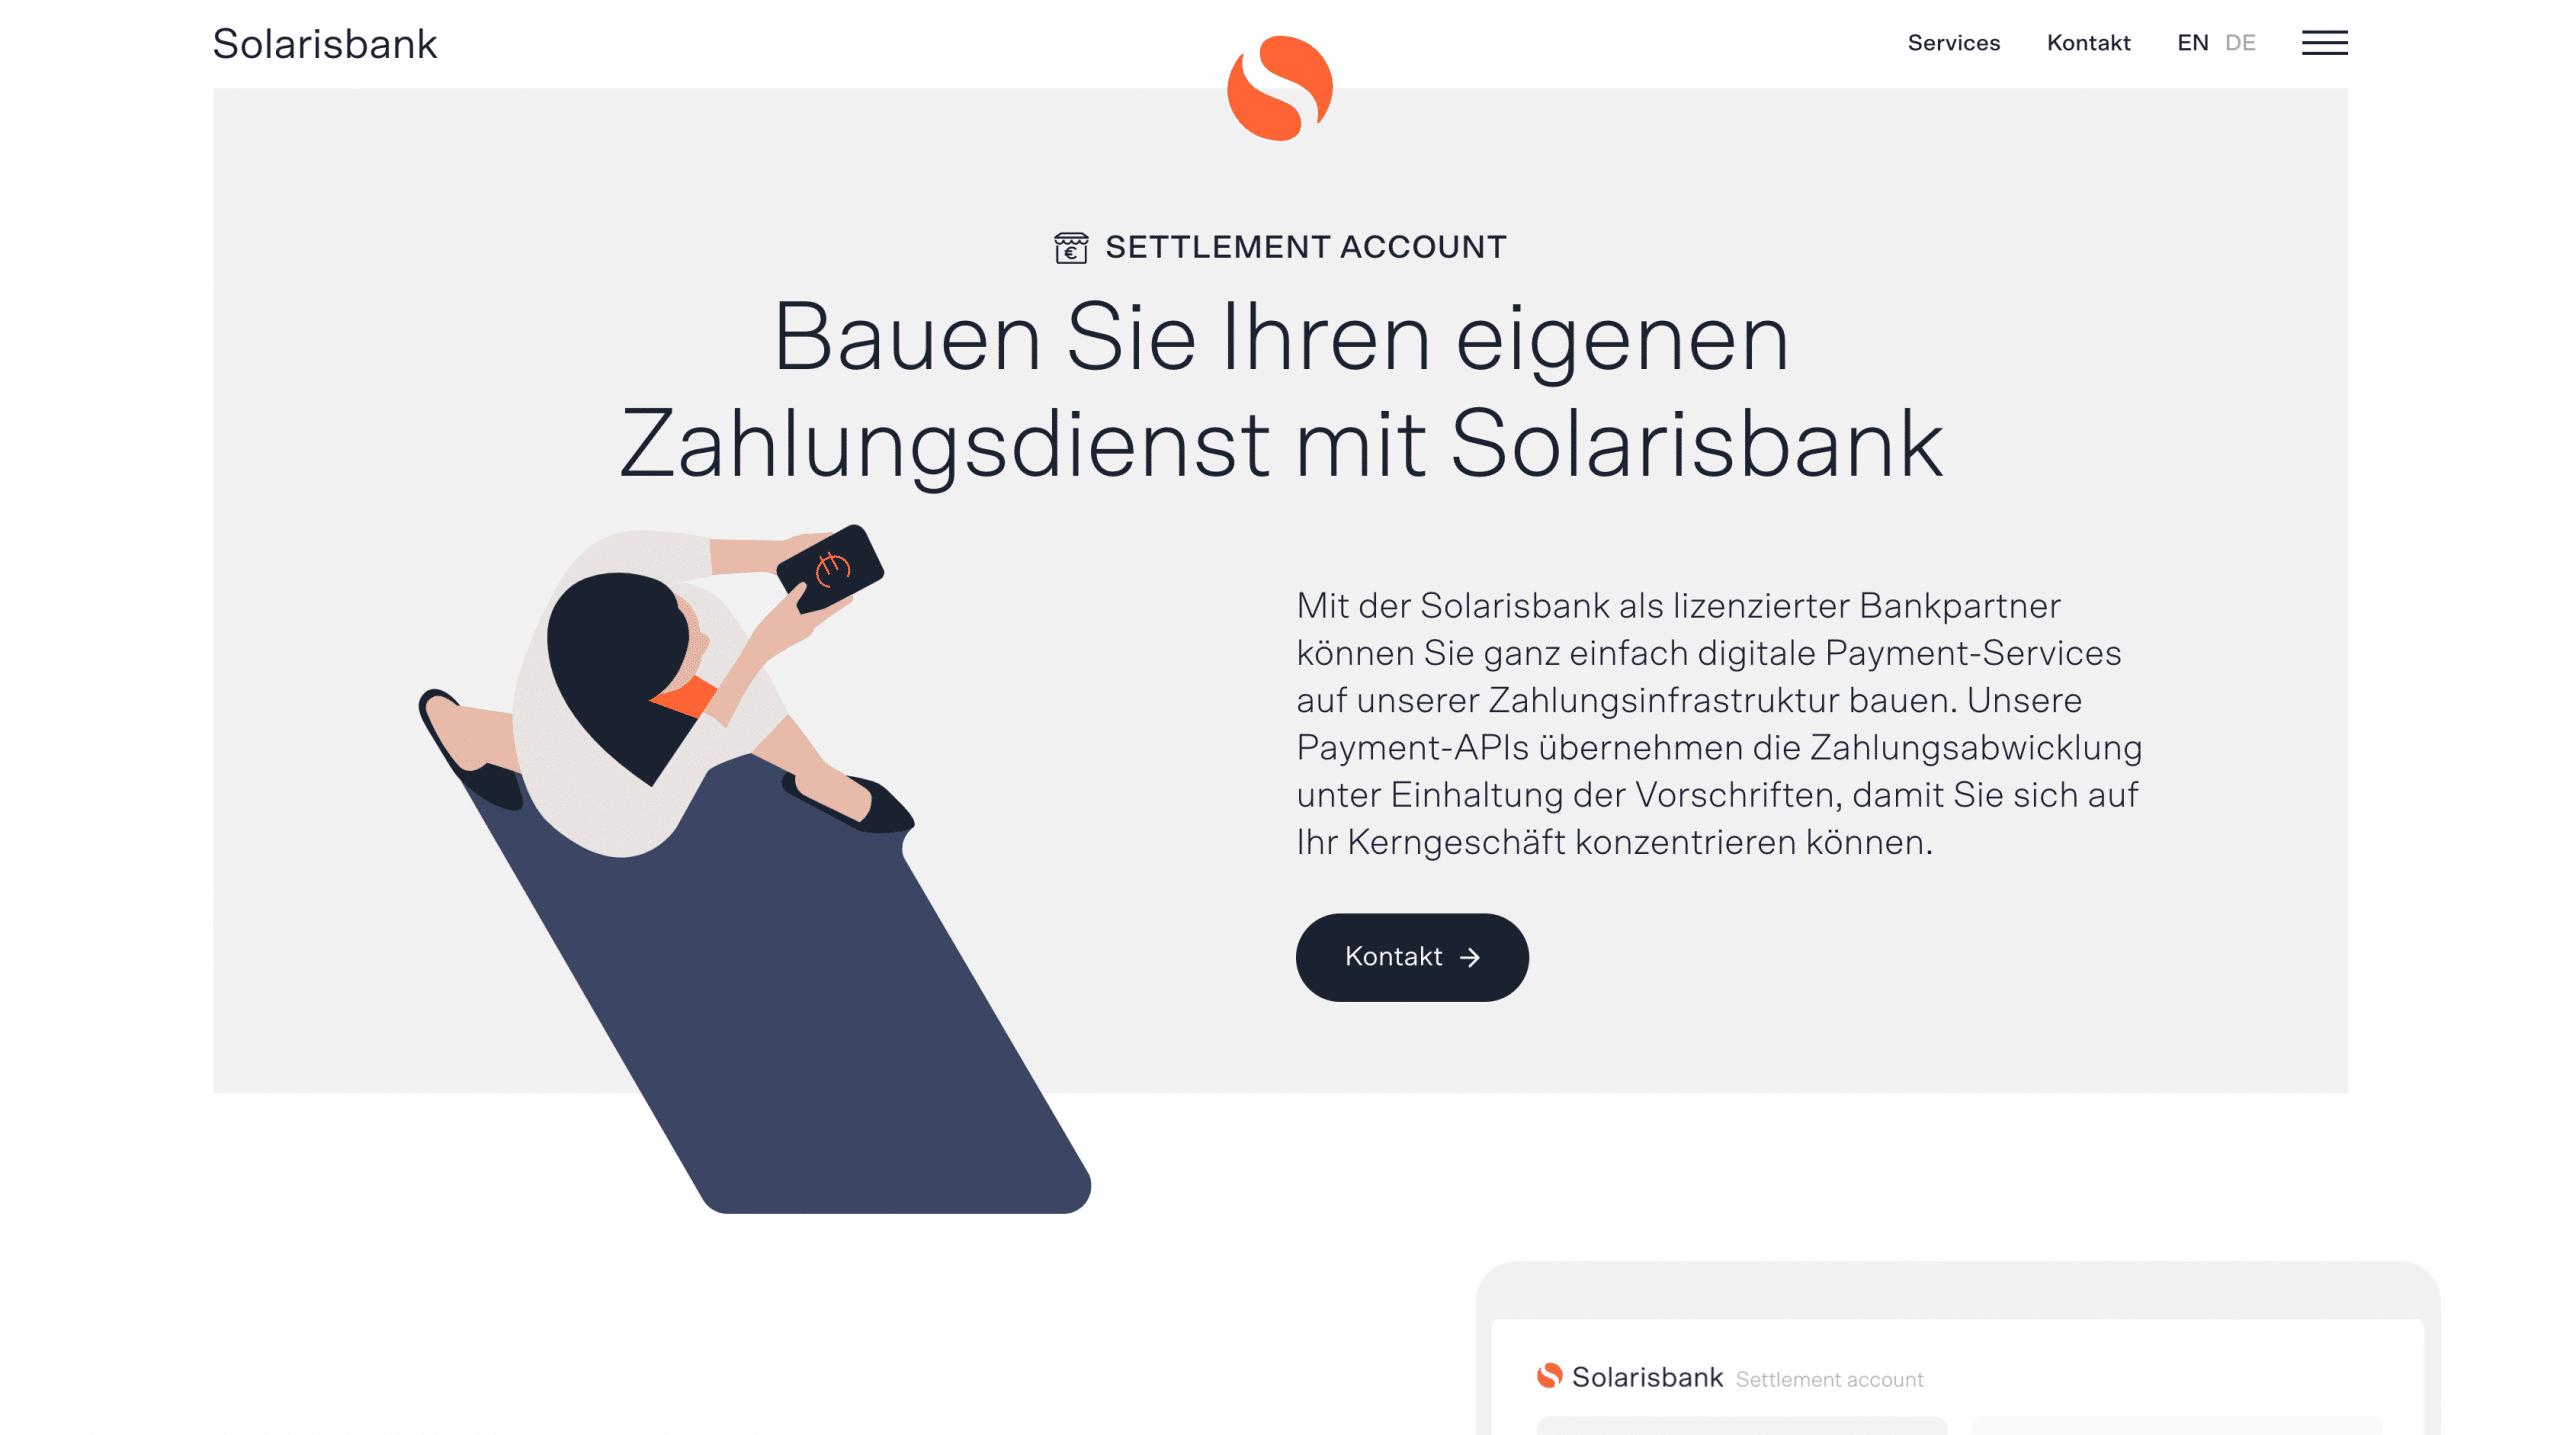 Solarisbank Zahlungsdienst